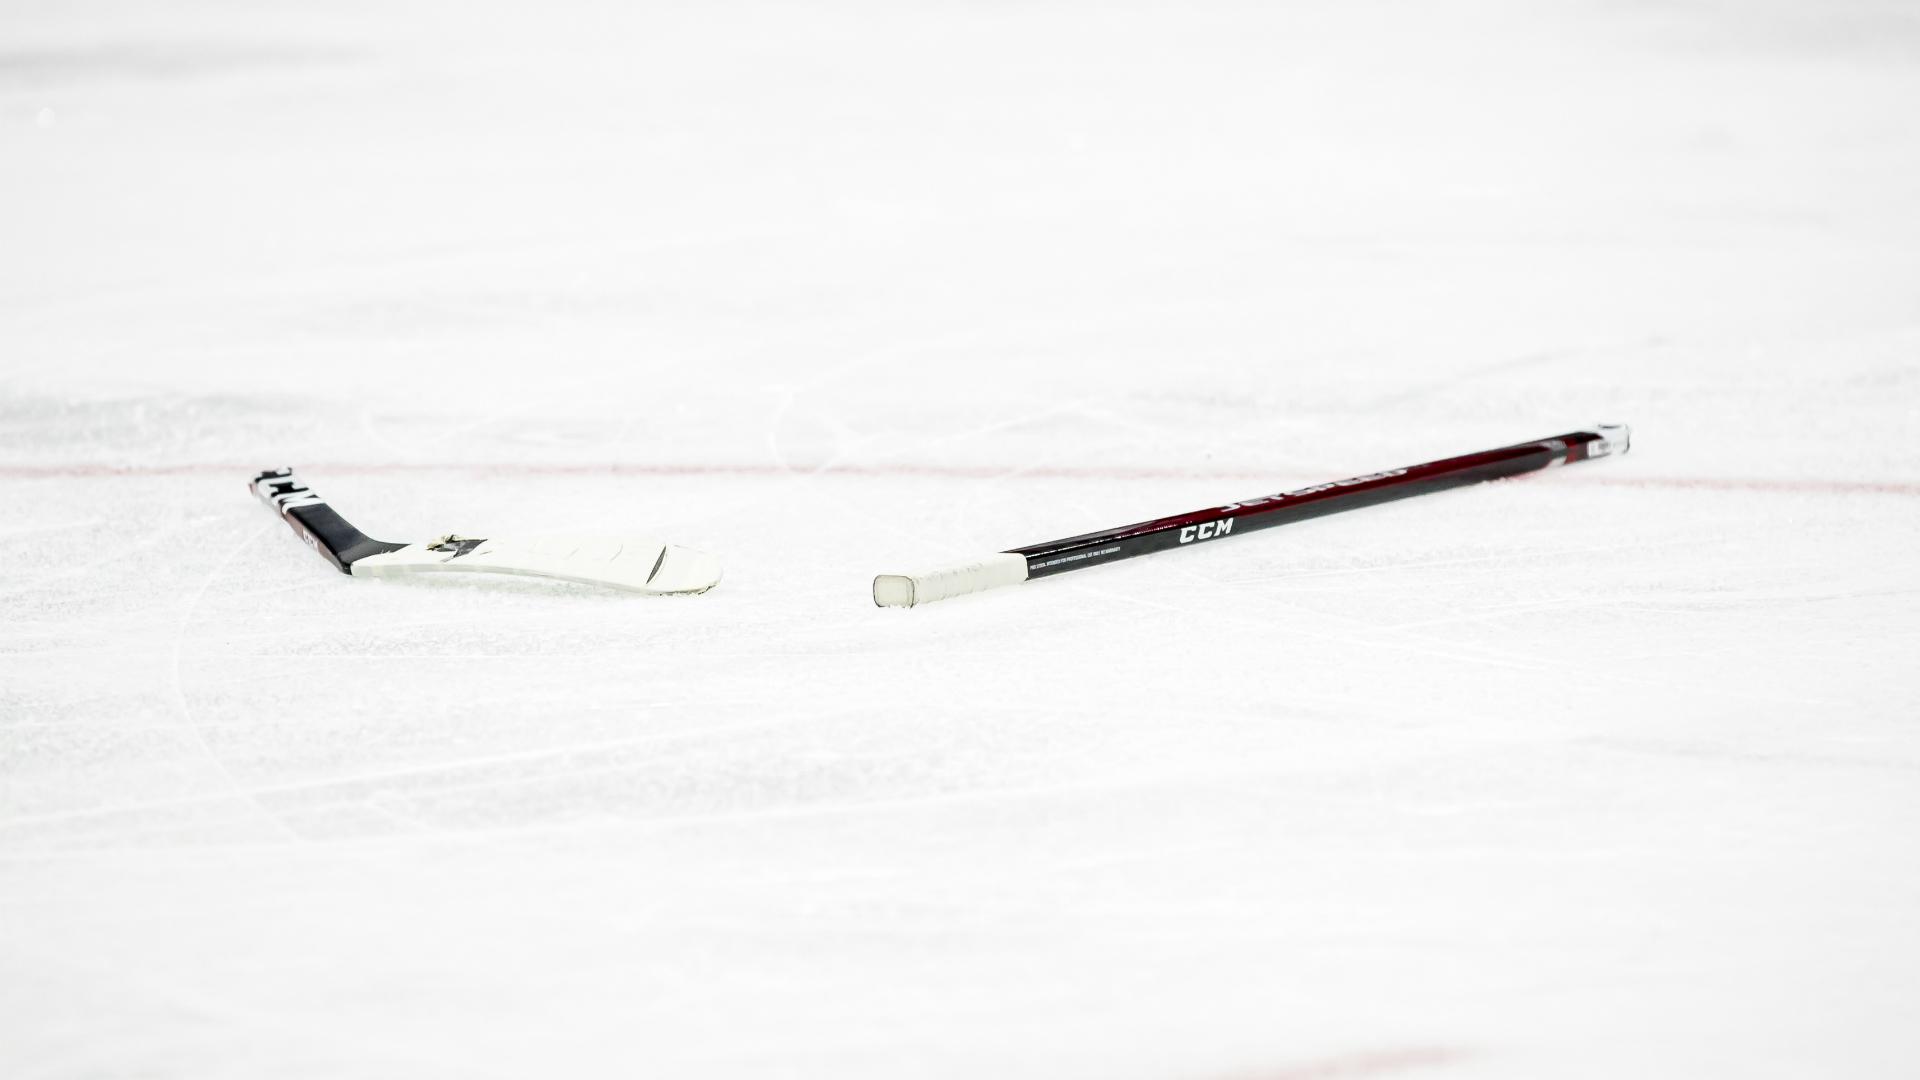 El impacto del coronavirus en la vida en China podría causar escasez de NHL stick, según el informe 2